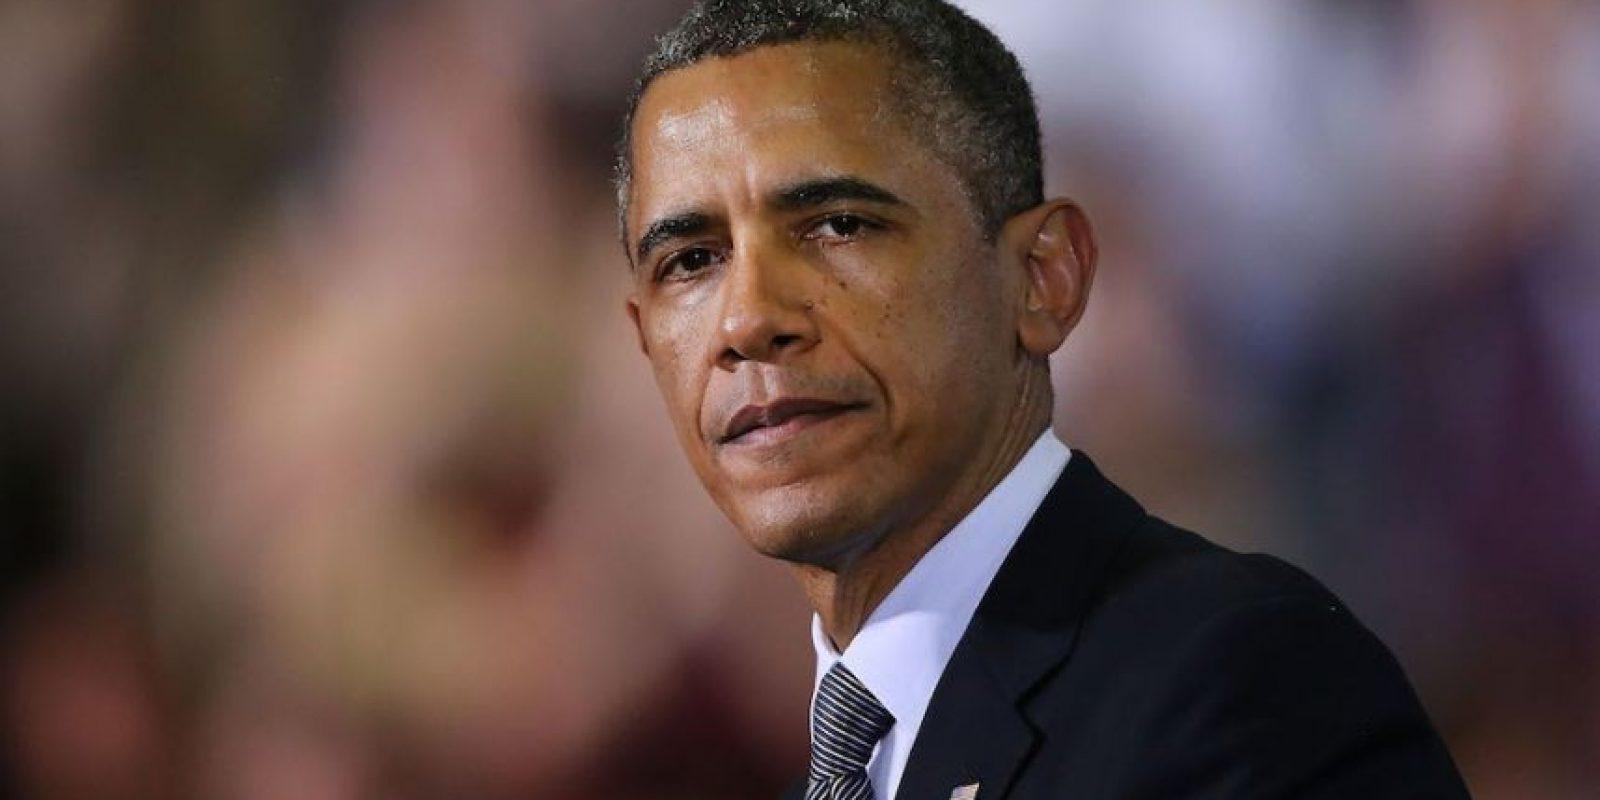 Obama tiene 53 años de edad y es el cuadragésimo cuarto presidente de los Estados Unidos. Foto:Getty Images